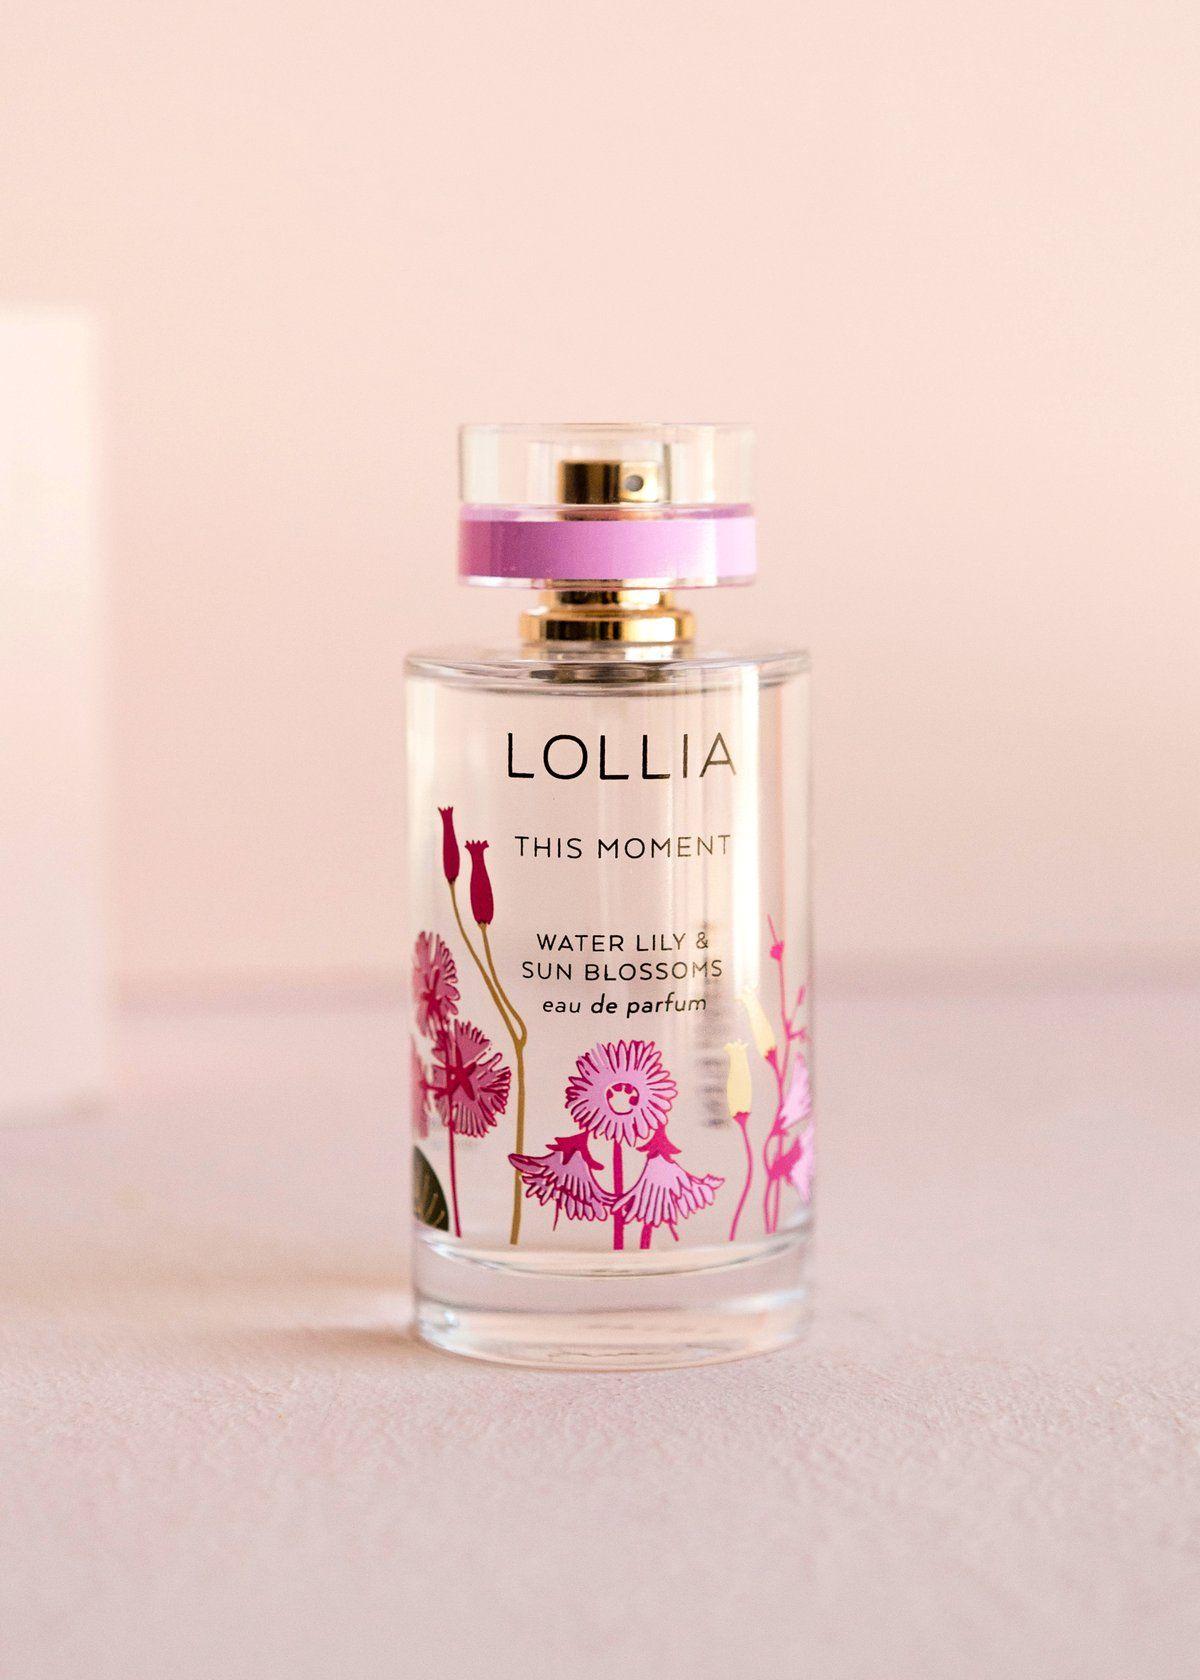 This Moment Eau De Parfum Perfume, Perfume bottles